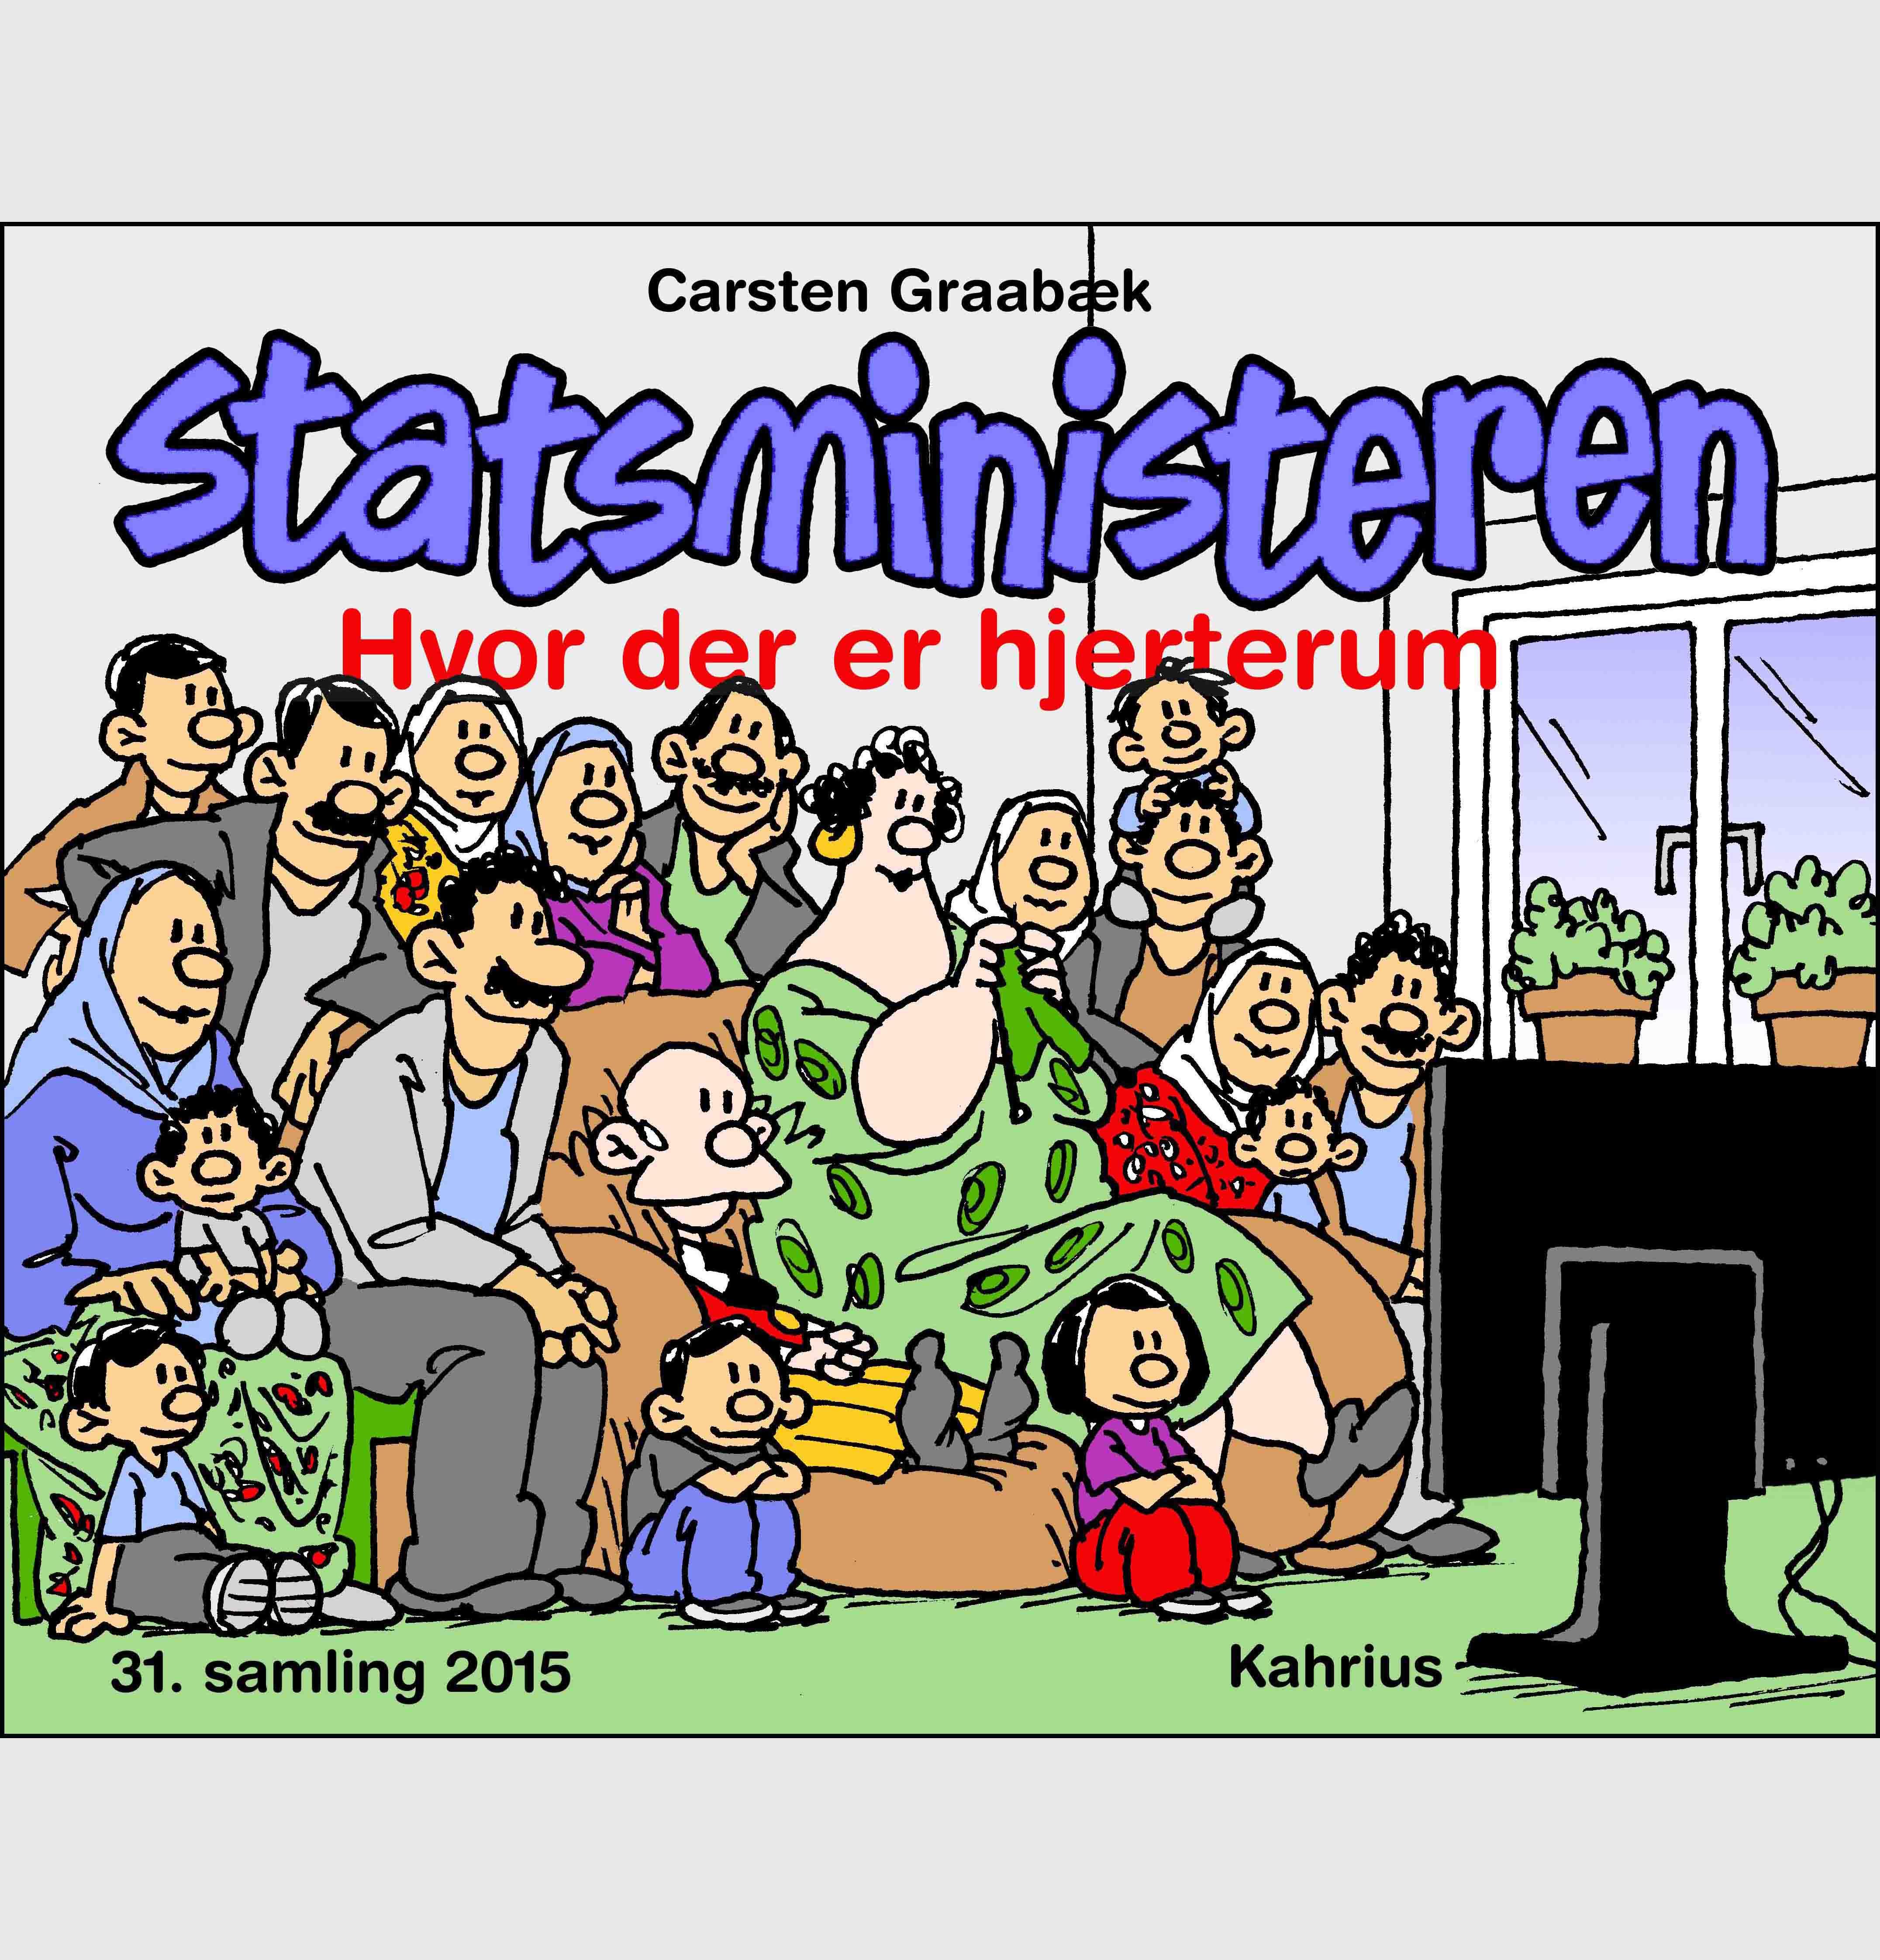 Statsministeren, 31. samling 2015